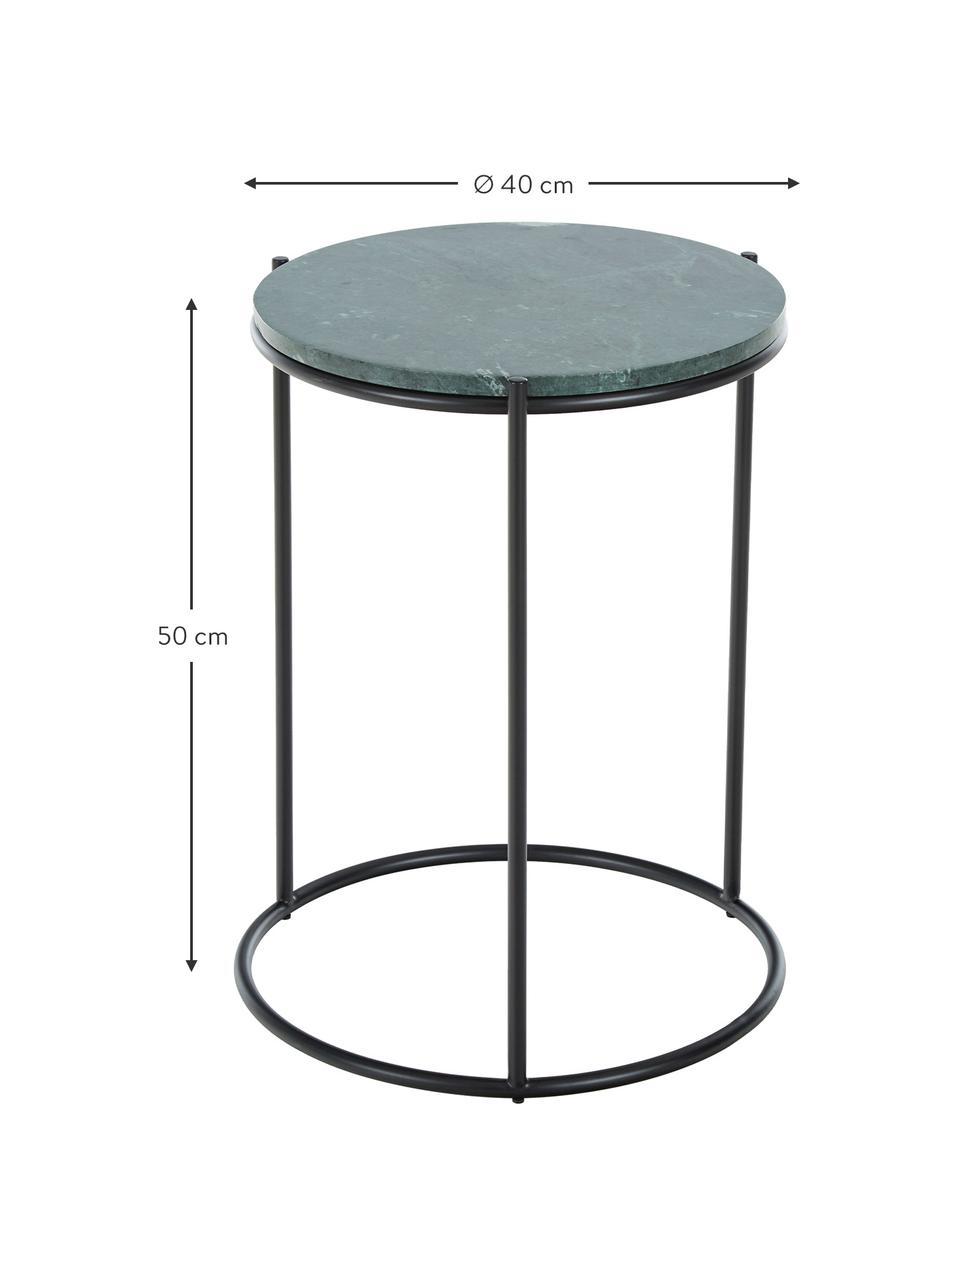 Okrągły stolik pomocniczy z marmuru Ella, Blat: marmur, Stelaż: metal malowany proszkowo, Blat: zielony marmur Stelaż: czarny, matowy, Ø 40 x W 50 cm